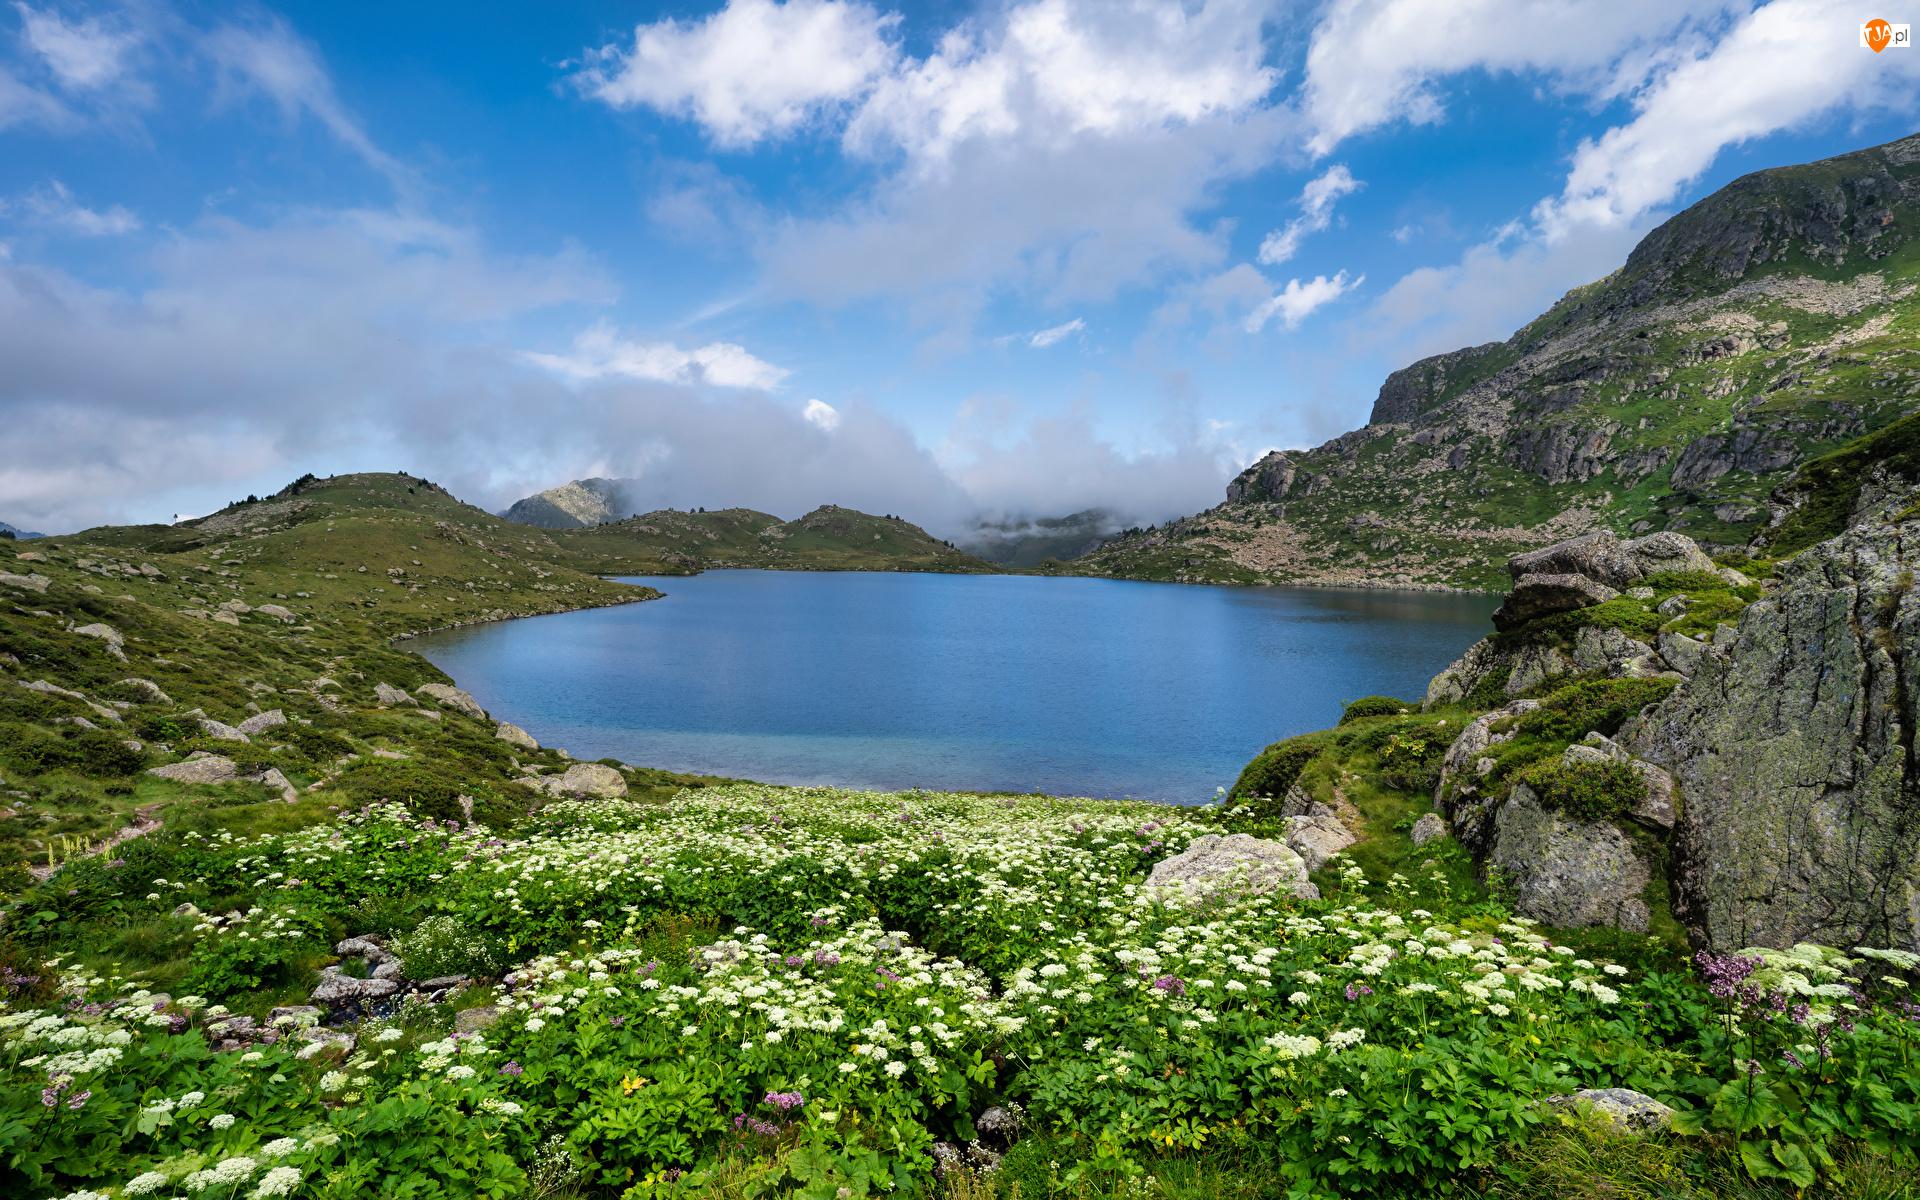 Chmury, Góry Pireneje, Rośliny, Skała, Kwiaty, Kamienie, Jezioro, Francja, Etang De Fontargentes